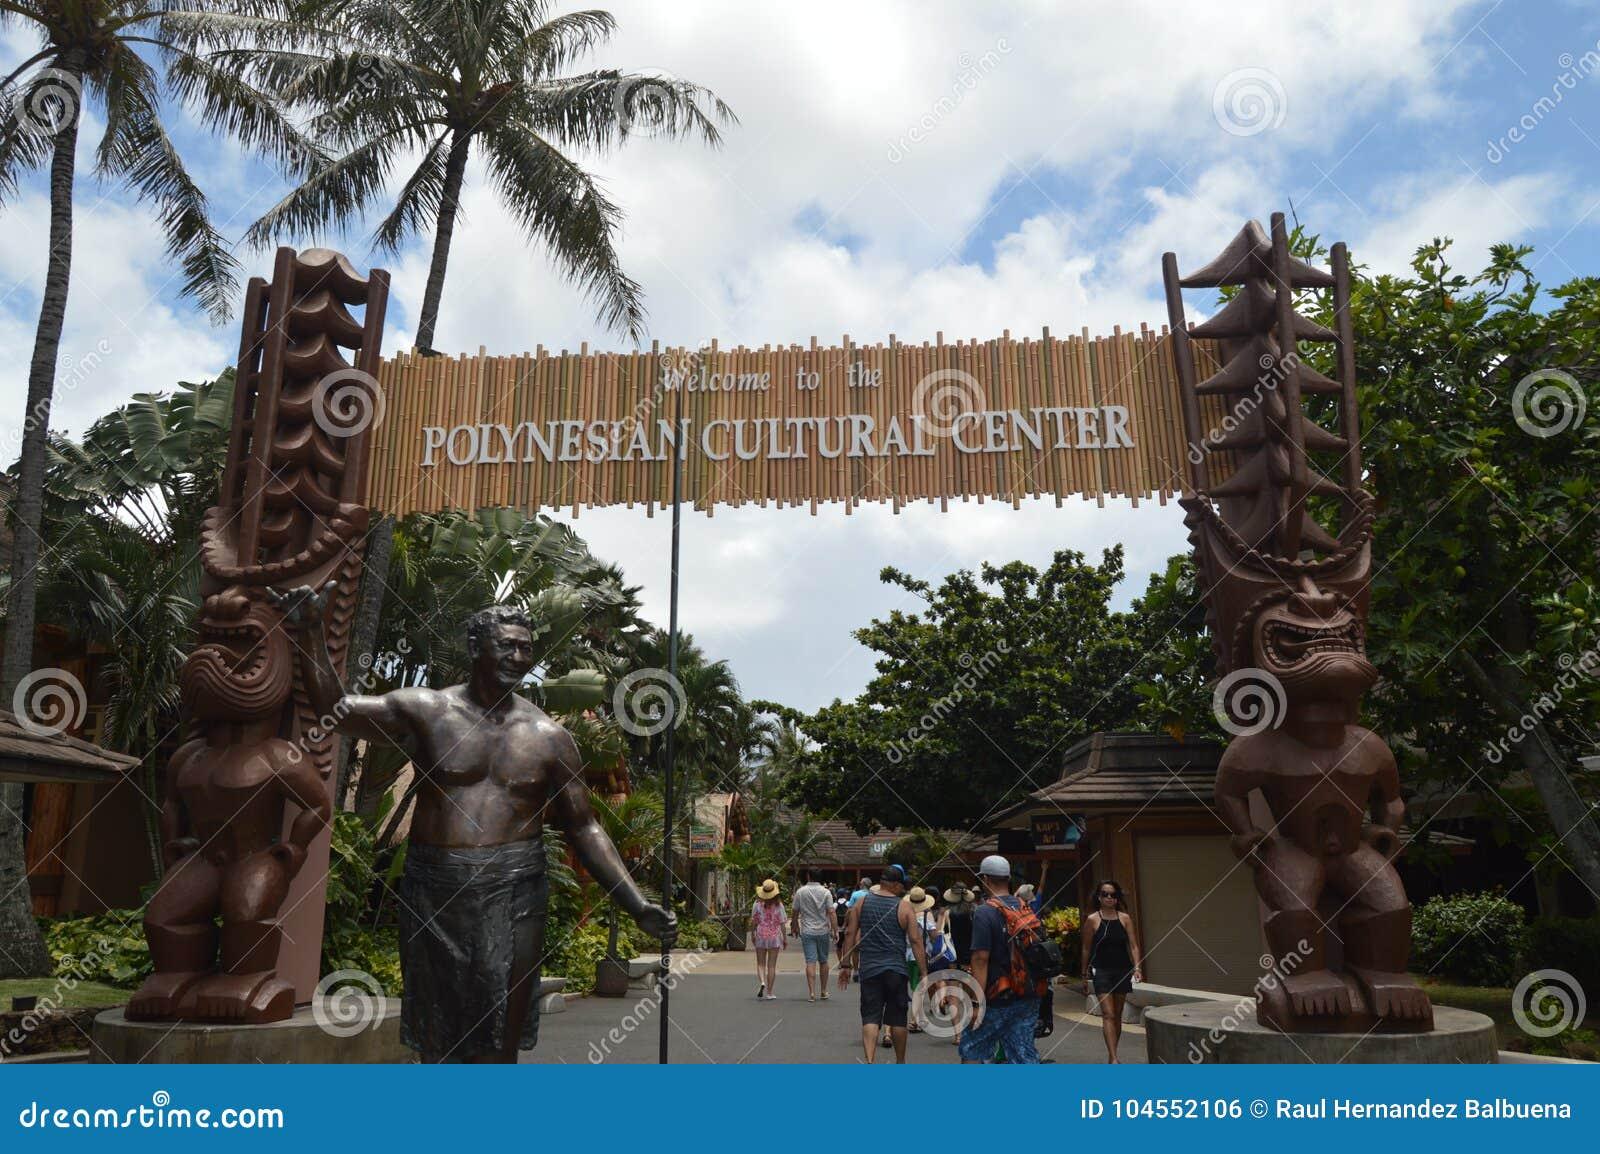 Entrance to the Polynesian Cultural Center.